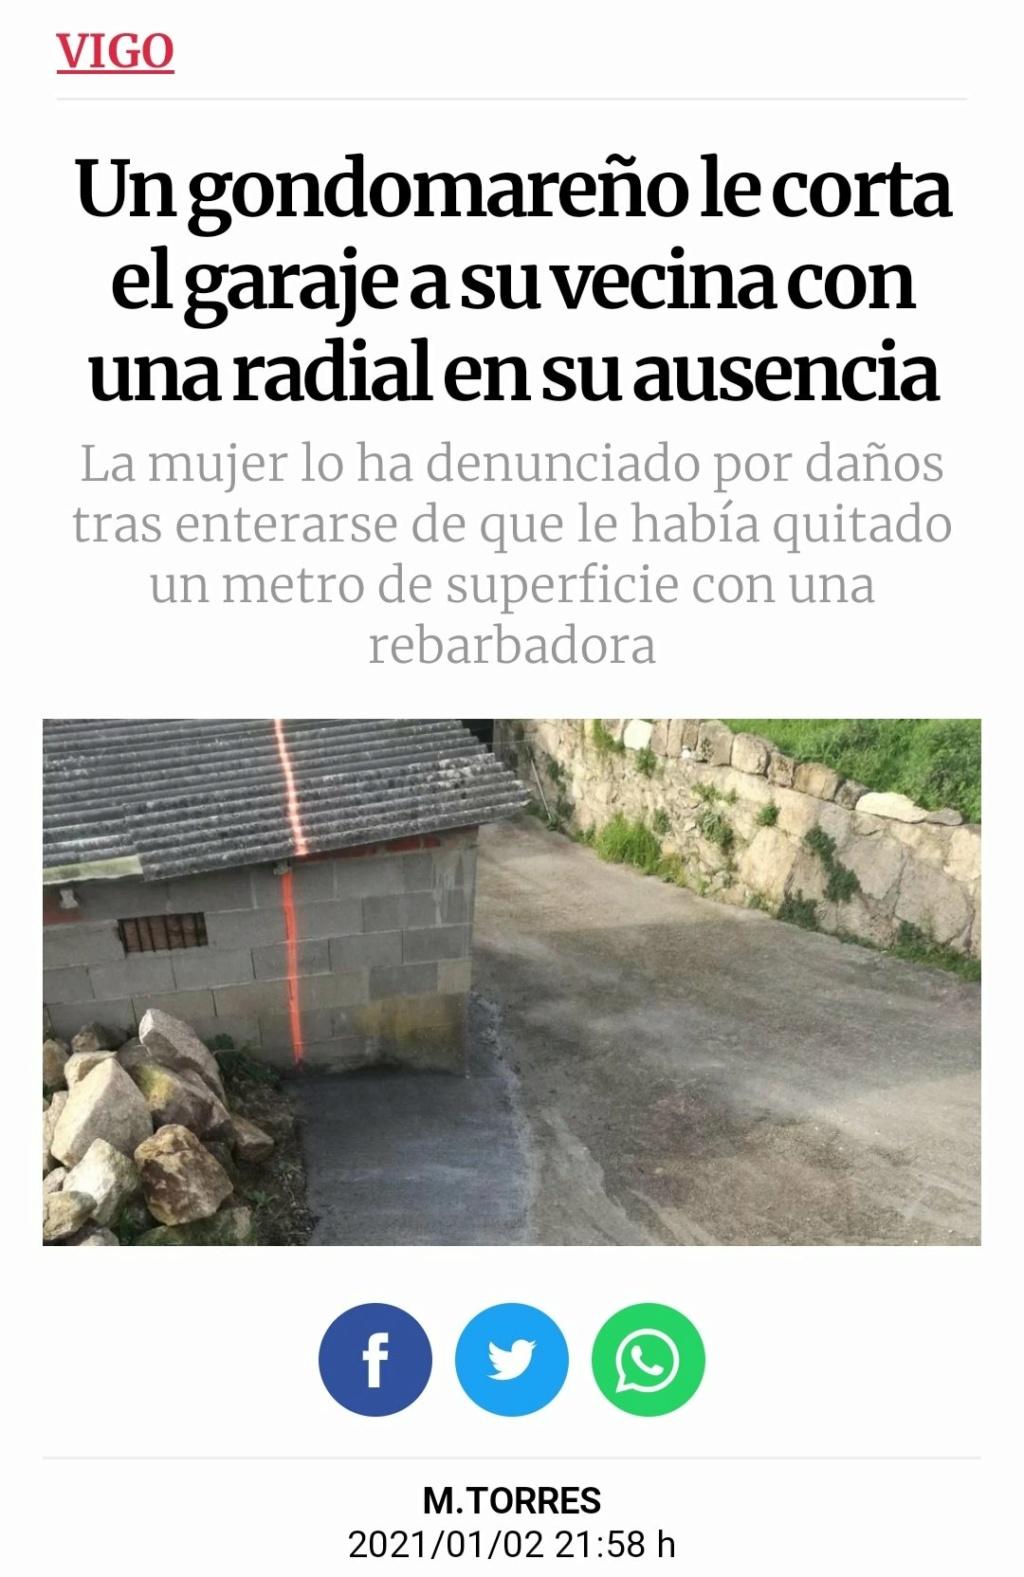 Los de Vigo semos asín... - Página 4 20210111